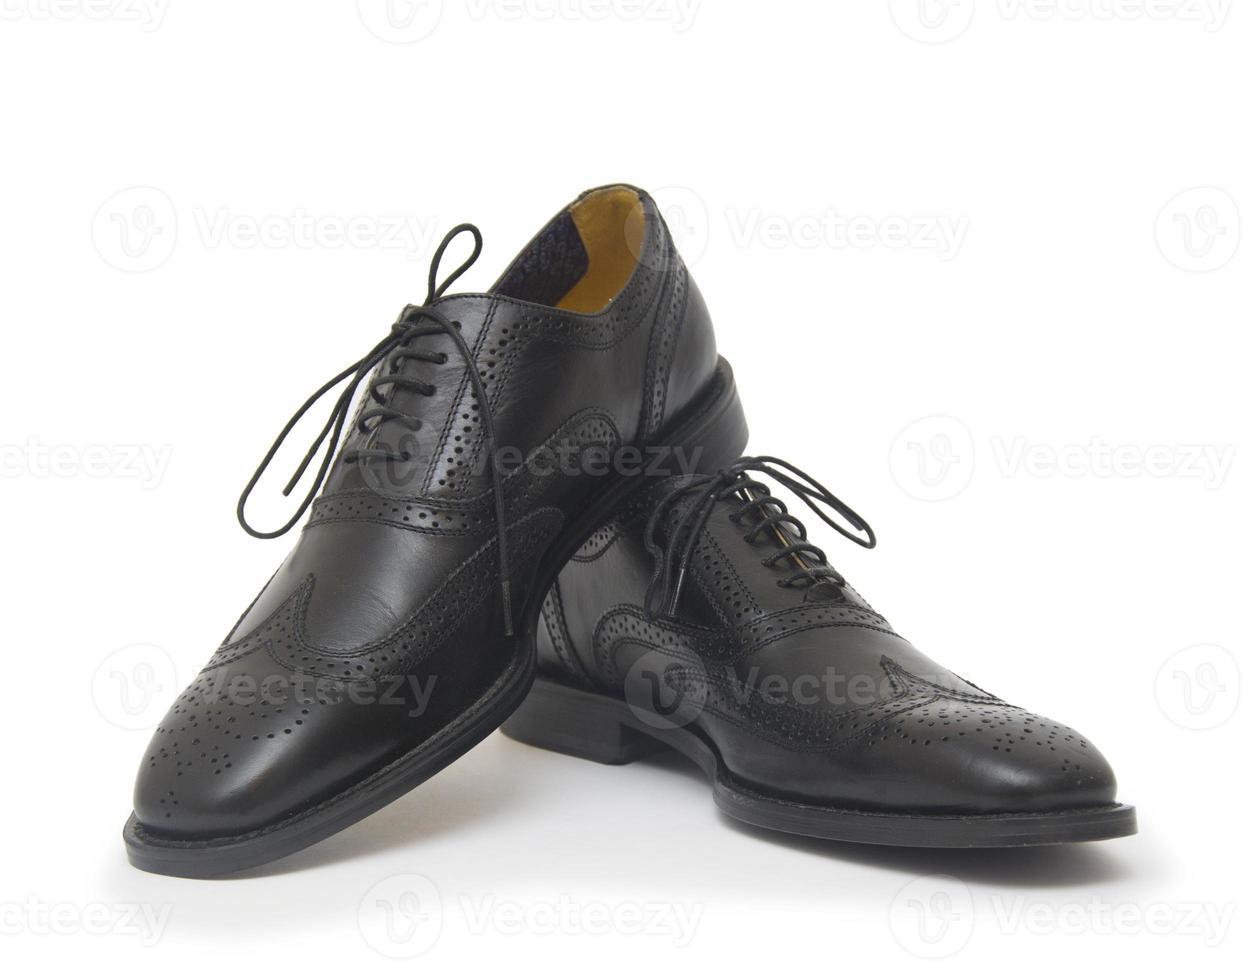 les chaussures de l'homme noir isolés sur fond blanc. photo